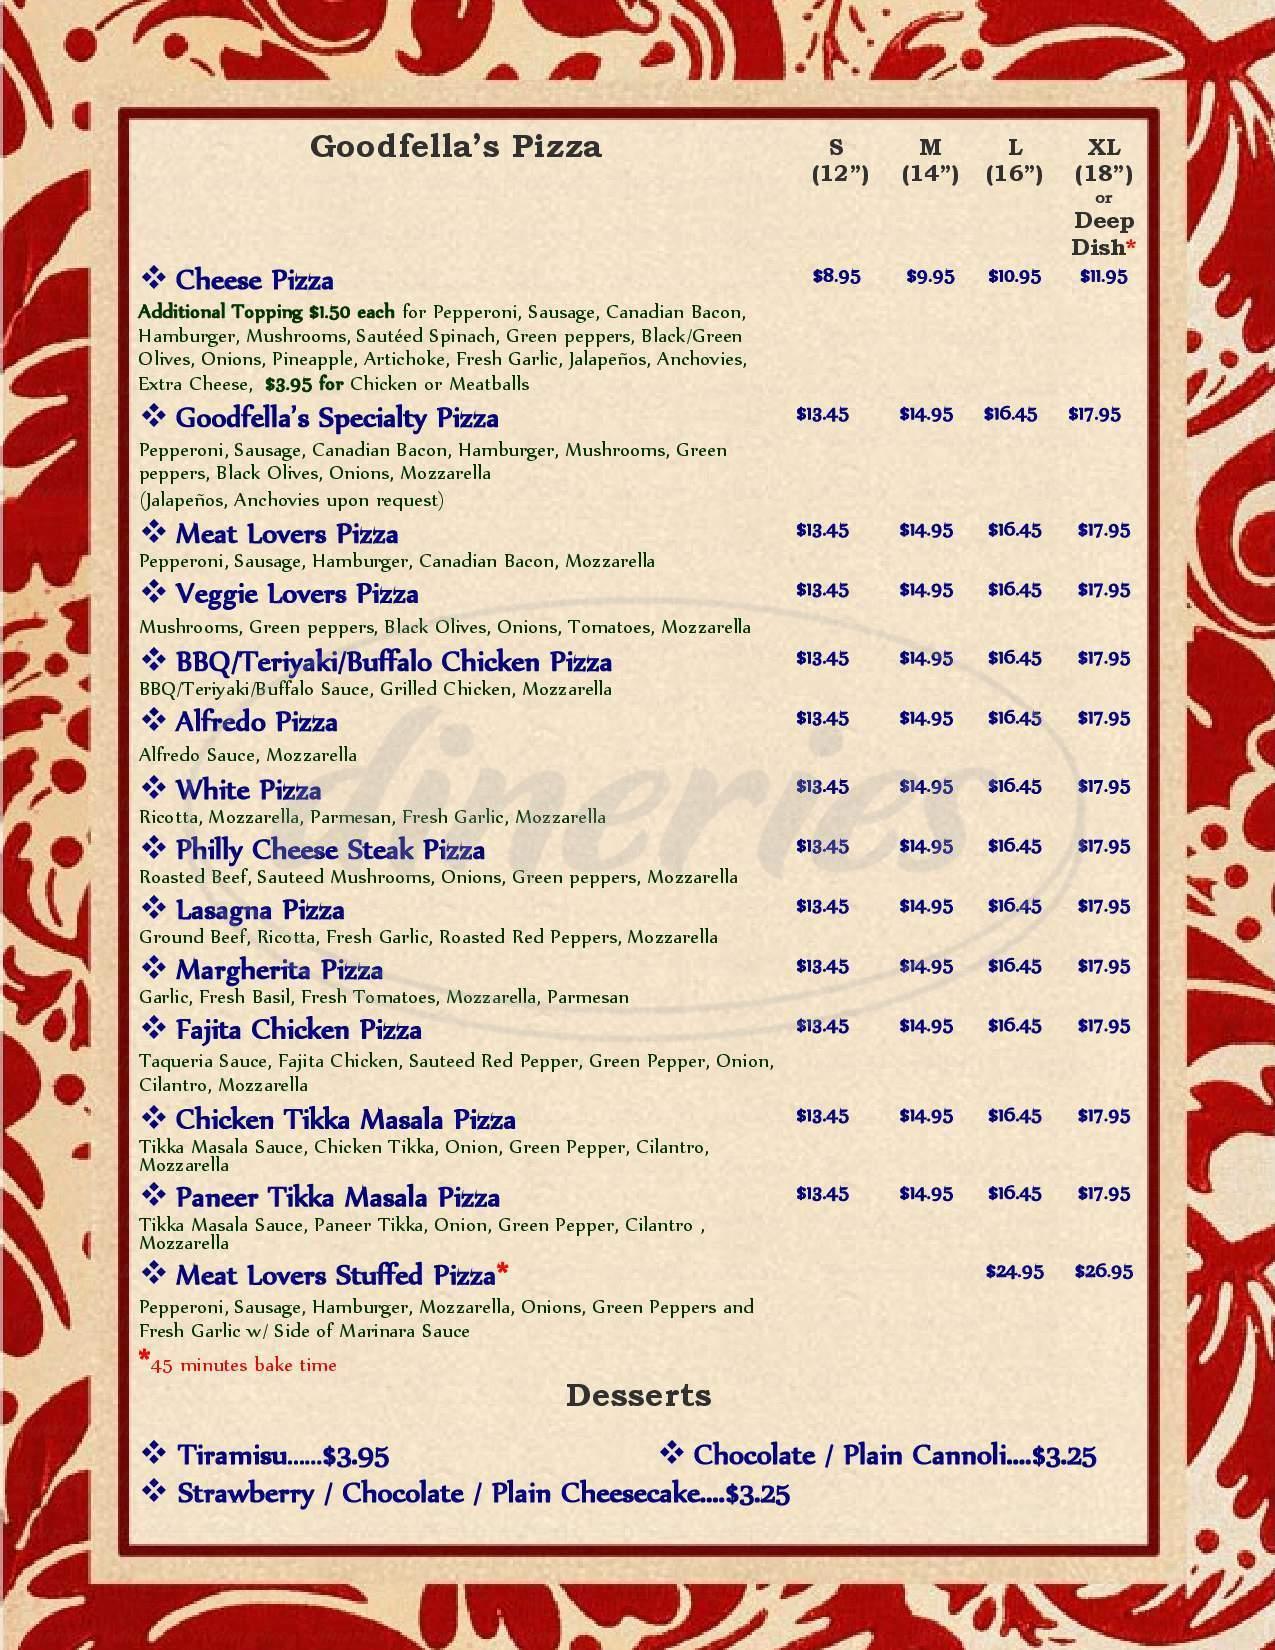 menu for Goodfella's Pizza